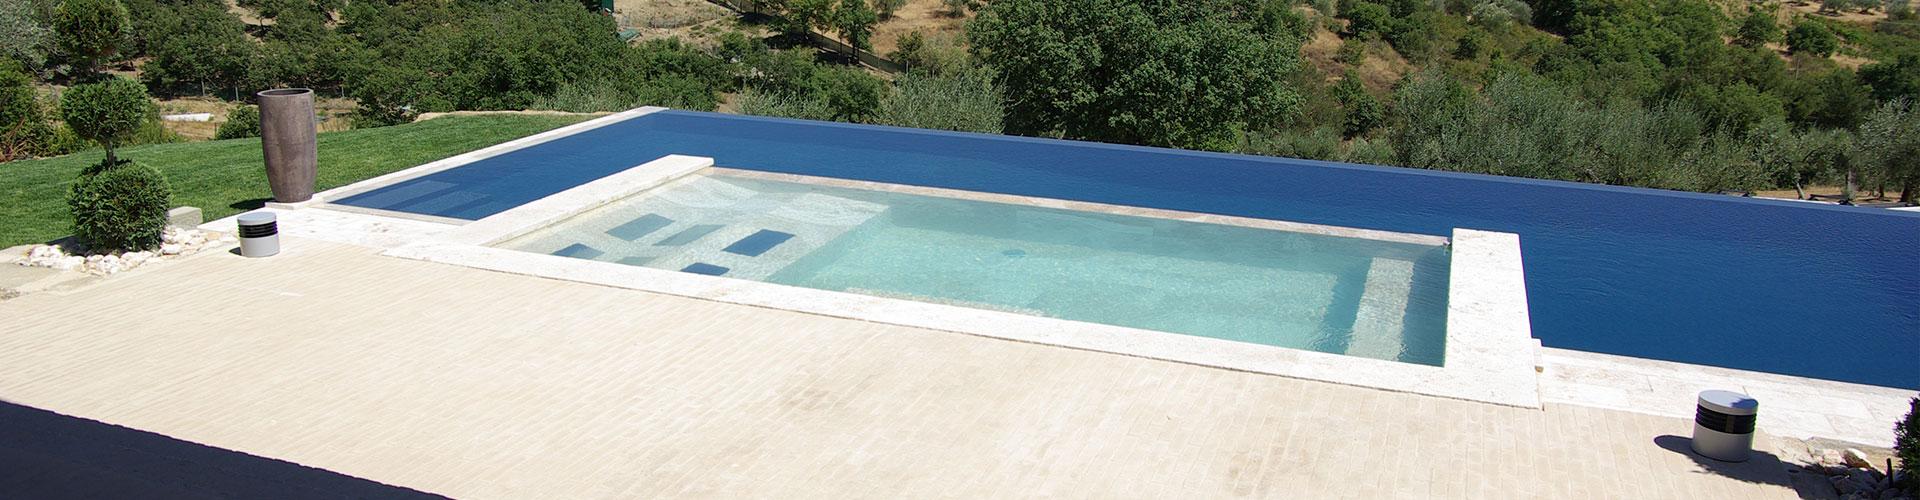 Quanto Costa Piscina Interrata i costi di una piscina